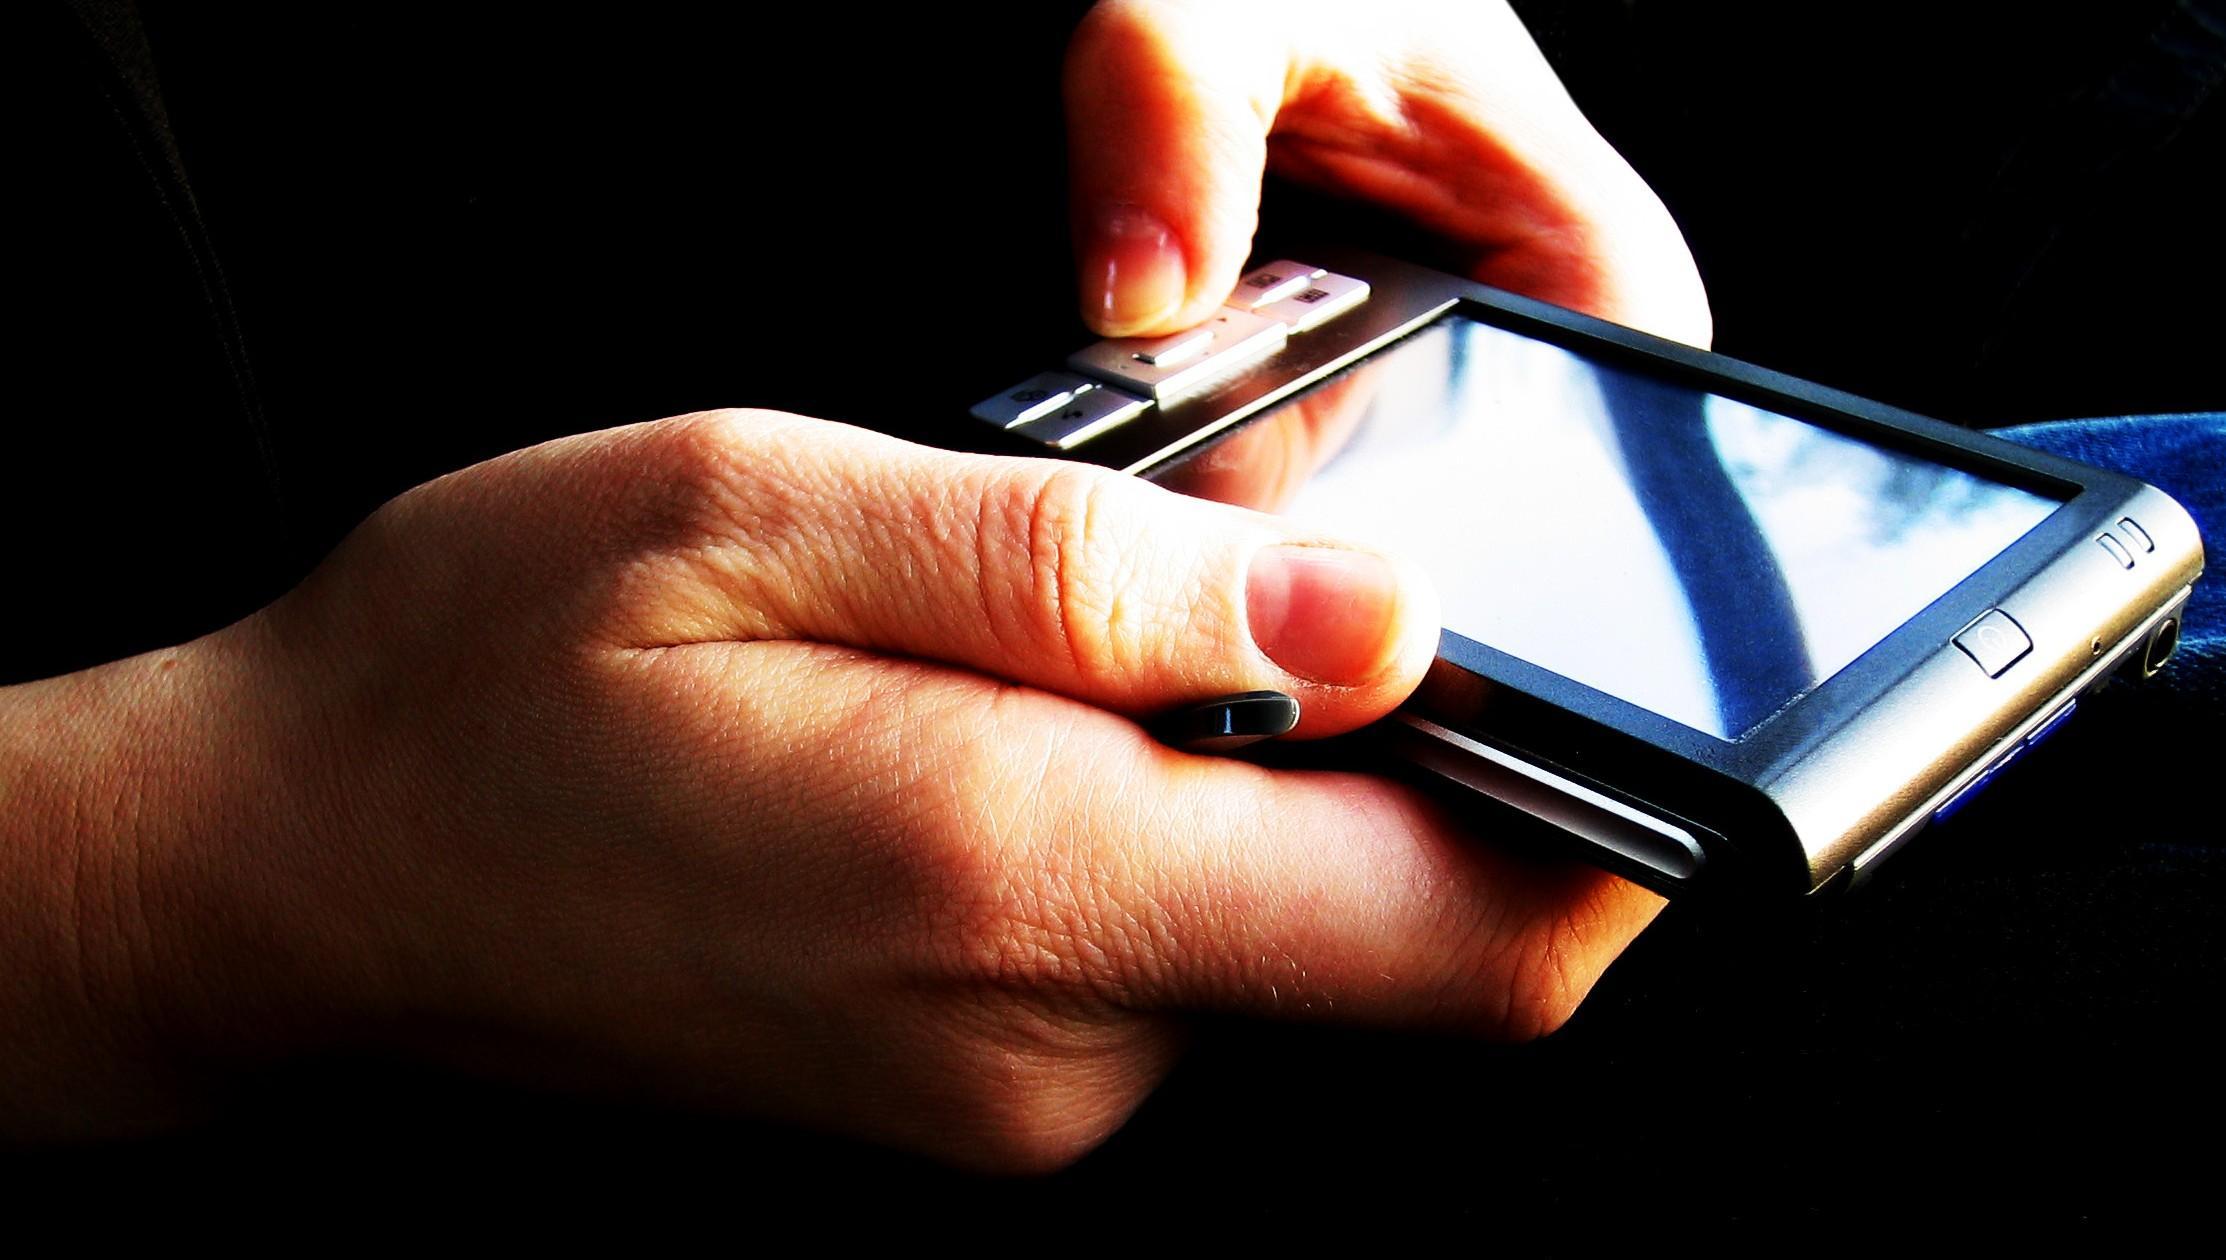 875772 78493551 e1397489019539 - Technologie a nová lidská práva